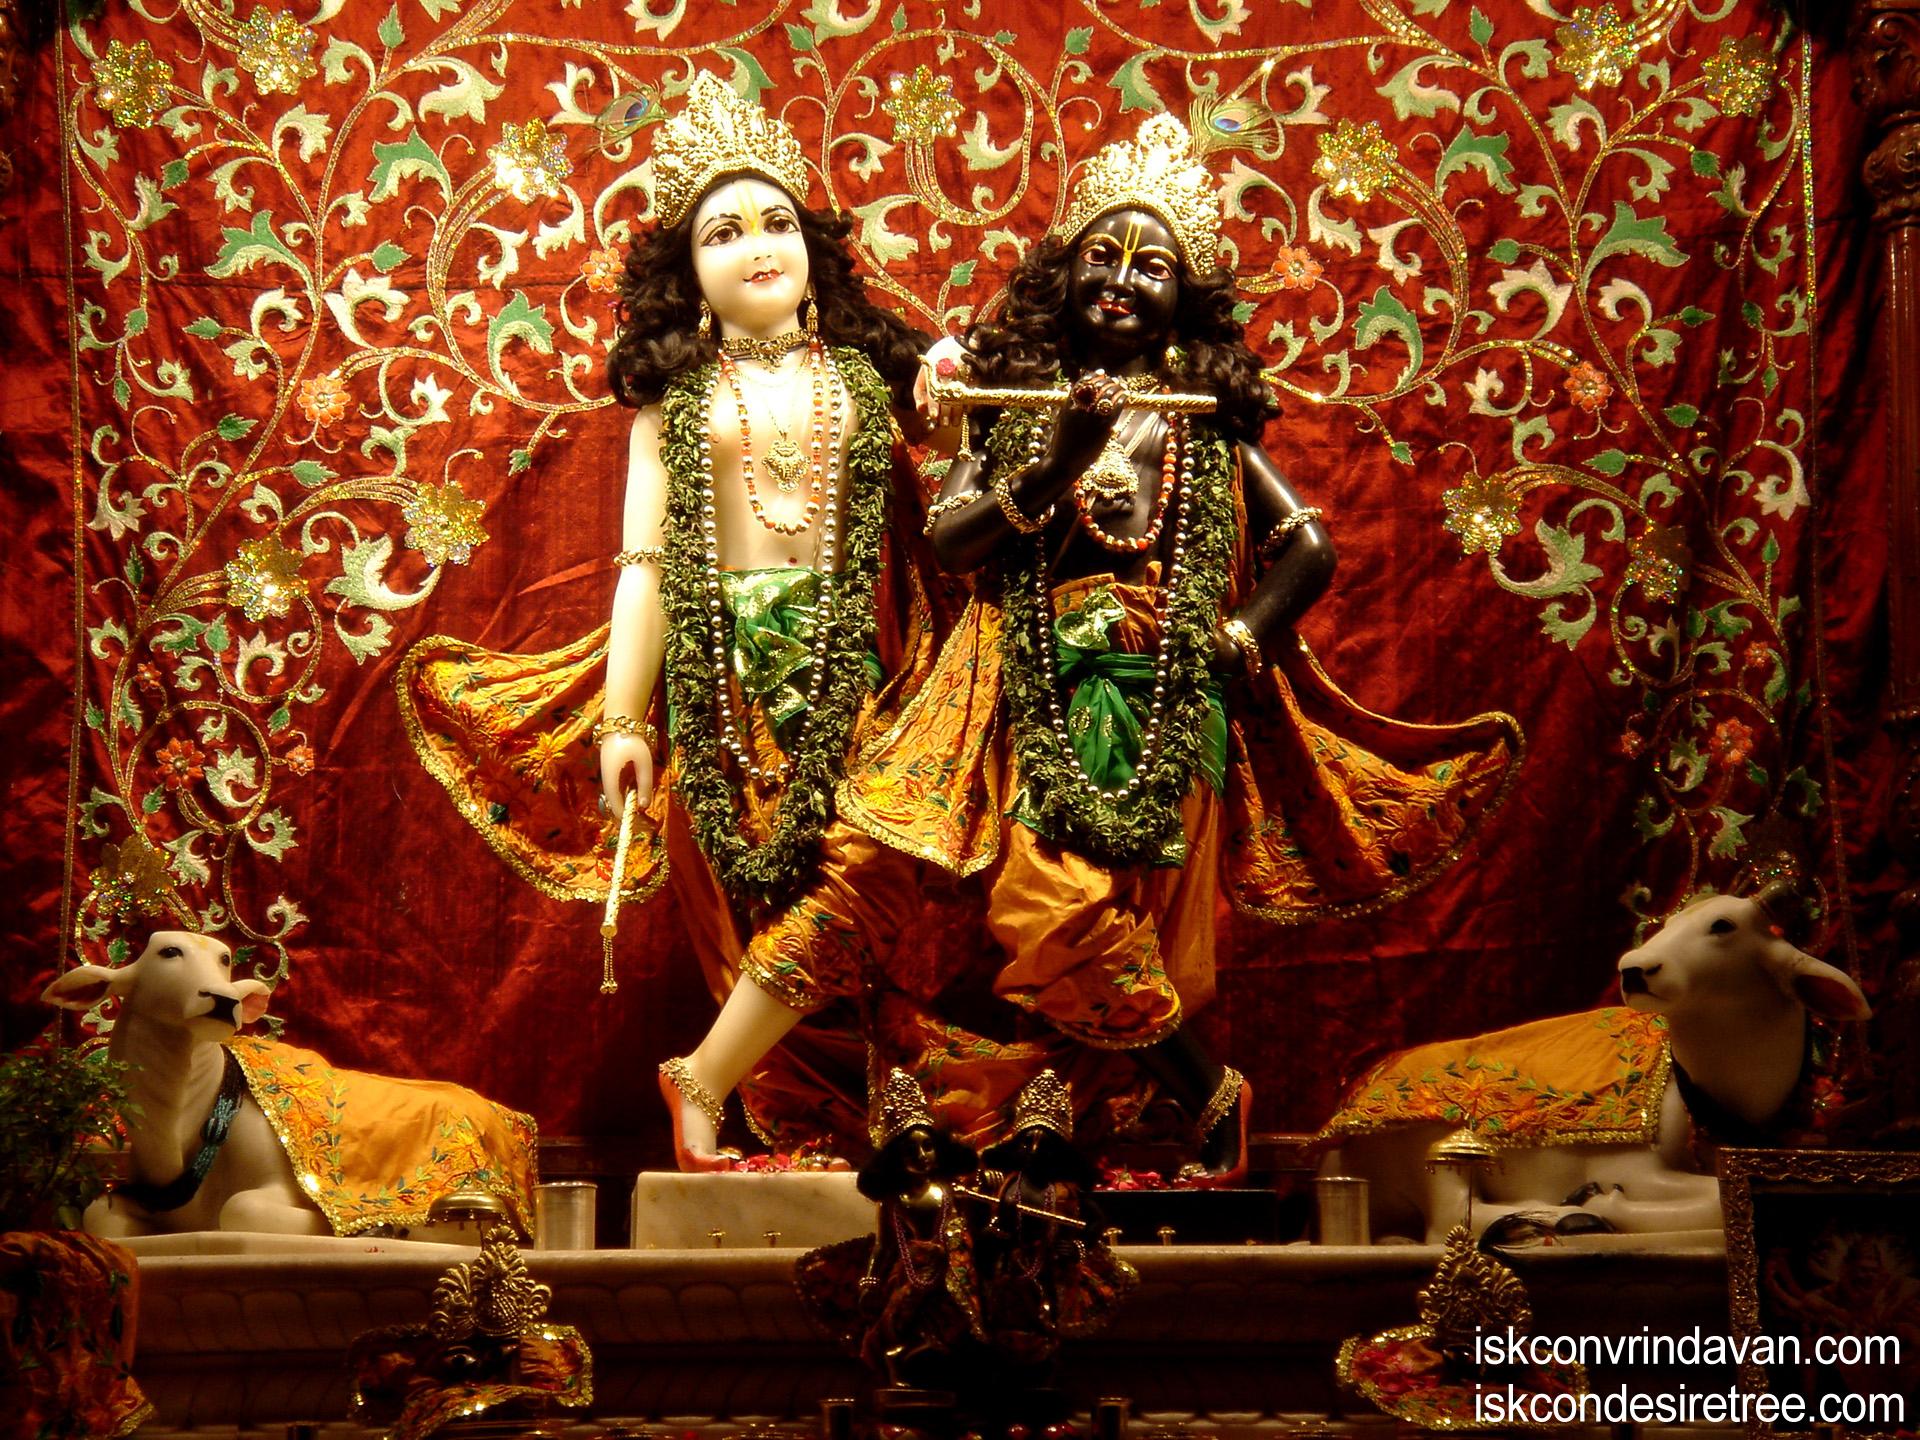 Sri Sri Krishna Balaram Wallpaper (087) Size 1920x1440 Download